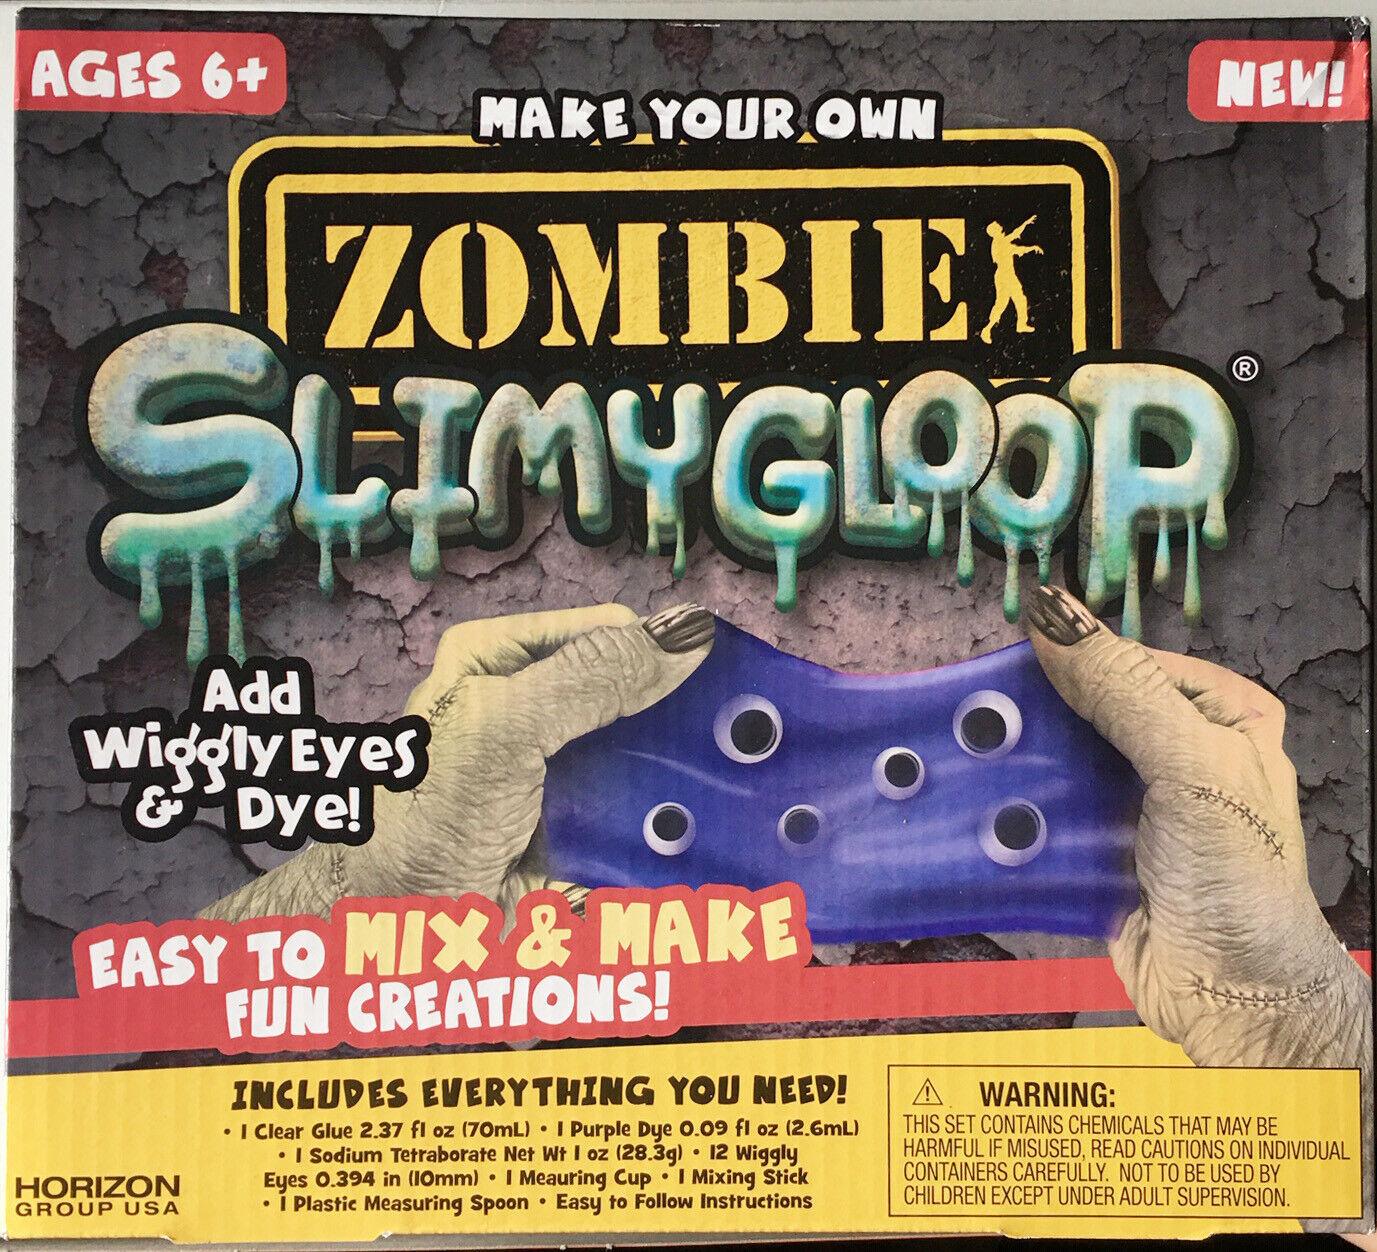 Zombie Slimygloop Wiggly Eyes Creations Slime Maker Kids Craft Educational Fun